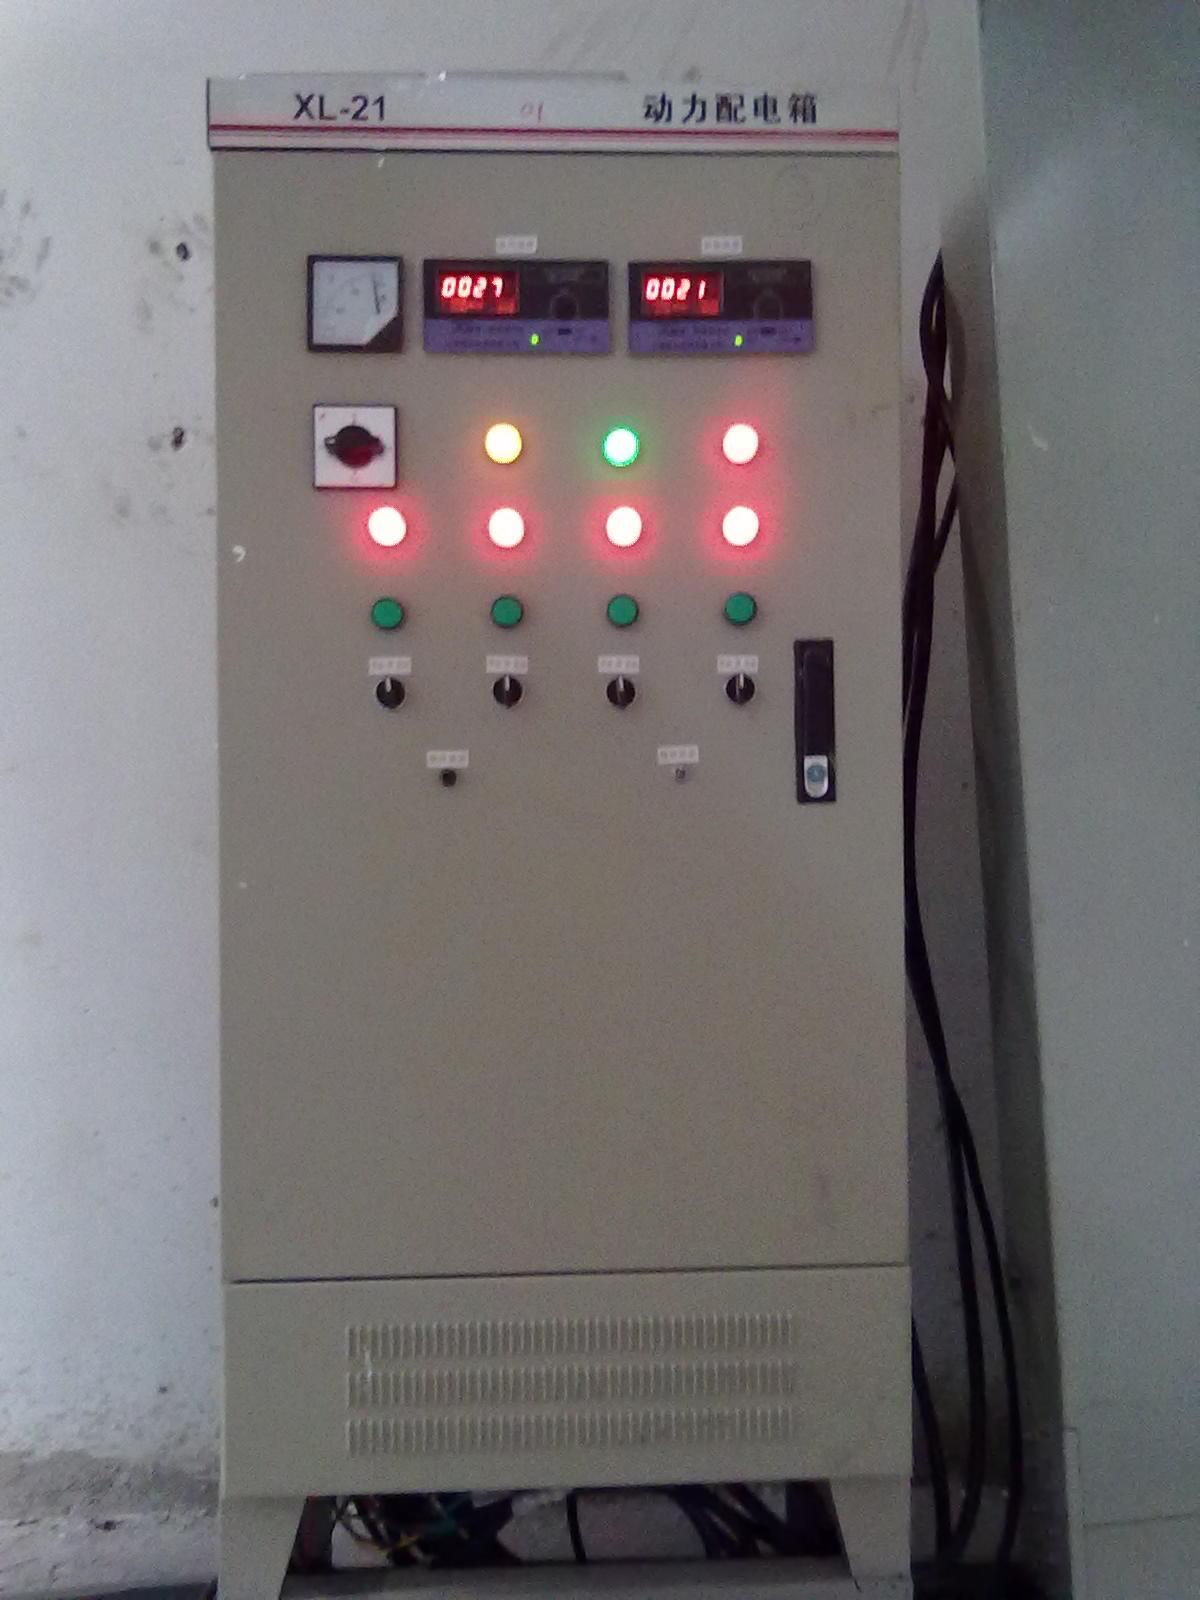 。 电加热的棒功率和数量的选择,除标准配置外,客户在订货时应说明物料需从多少温度用多长时间加热到多少温度,这样才会给你配置最佳功率的电加热棒,既能满足您的工艺要求又能尽量地降低不必要的电能损耗,以给您带来最佳的经济效益。但这儿有一个关键问题,就是如何控制电加热棒加热的时间,以确保不过分加热釜内的物料,从而保证整个生产工艺的顺利完成,就需要配置电加热的温控系统,这点非常重要。下面就如何选配合适的温控系统做出如下说明,供广大用户参考。 1.